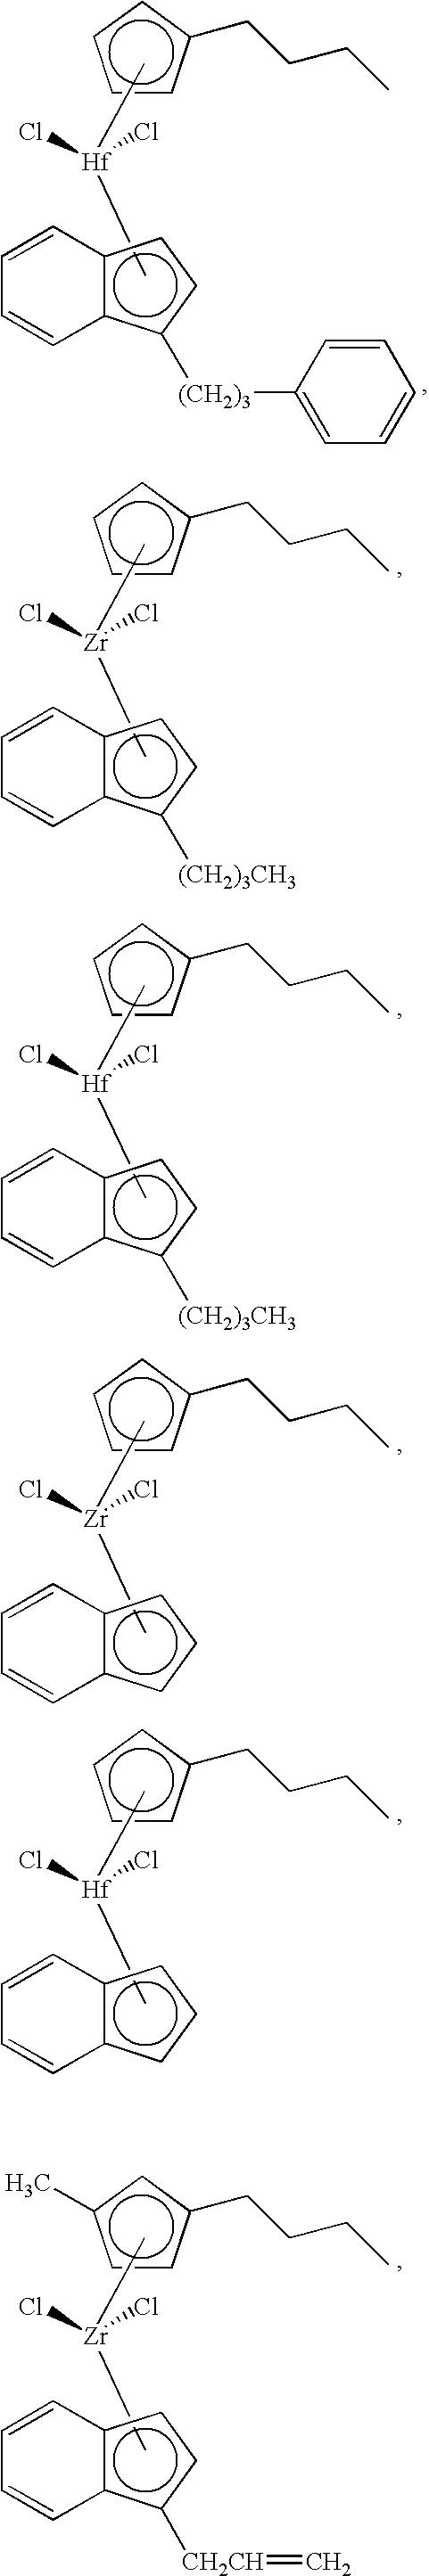 Figure US07619047-20091117-C00046